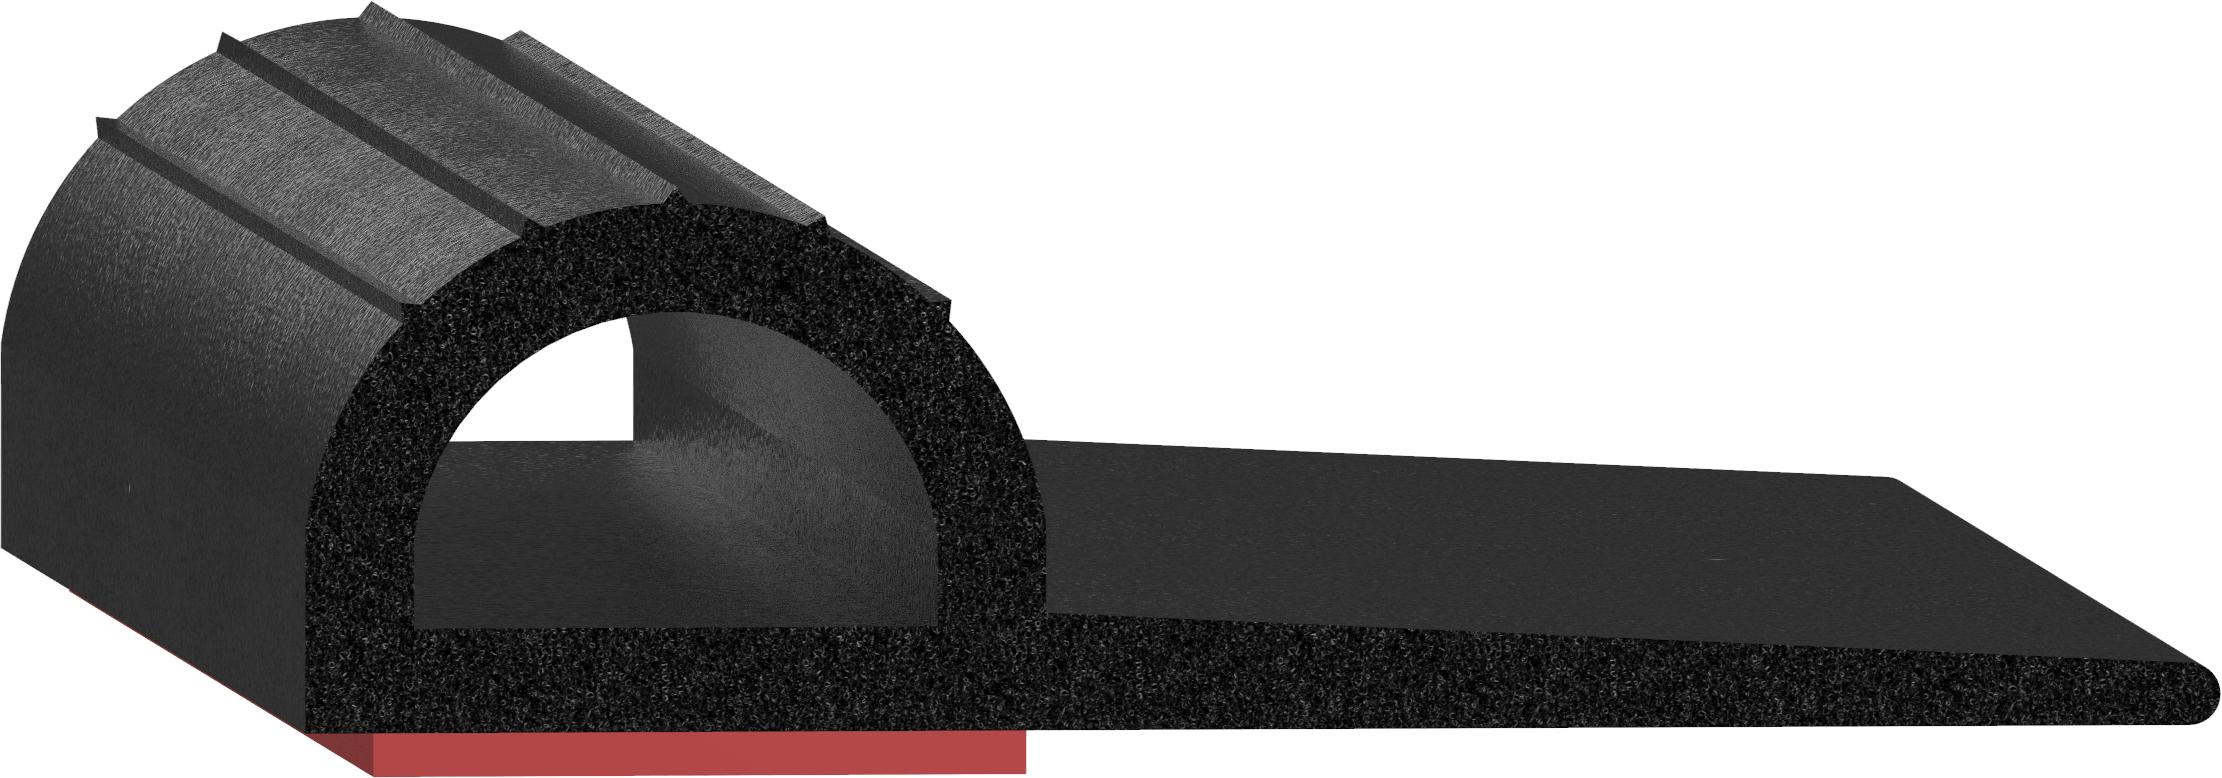 Uni-Grip part: SD-269-T